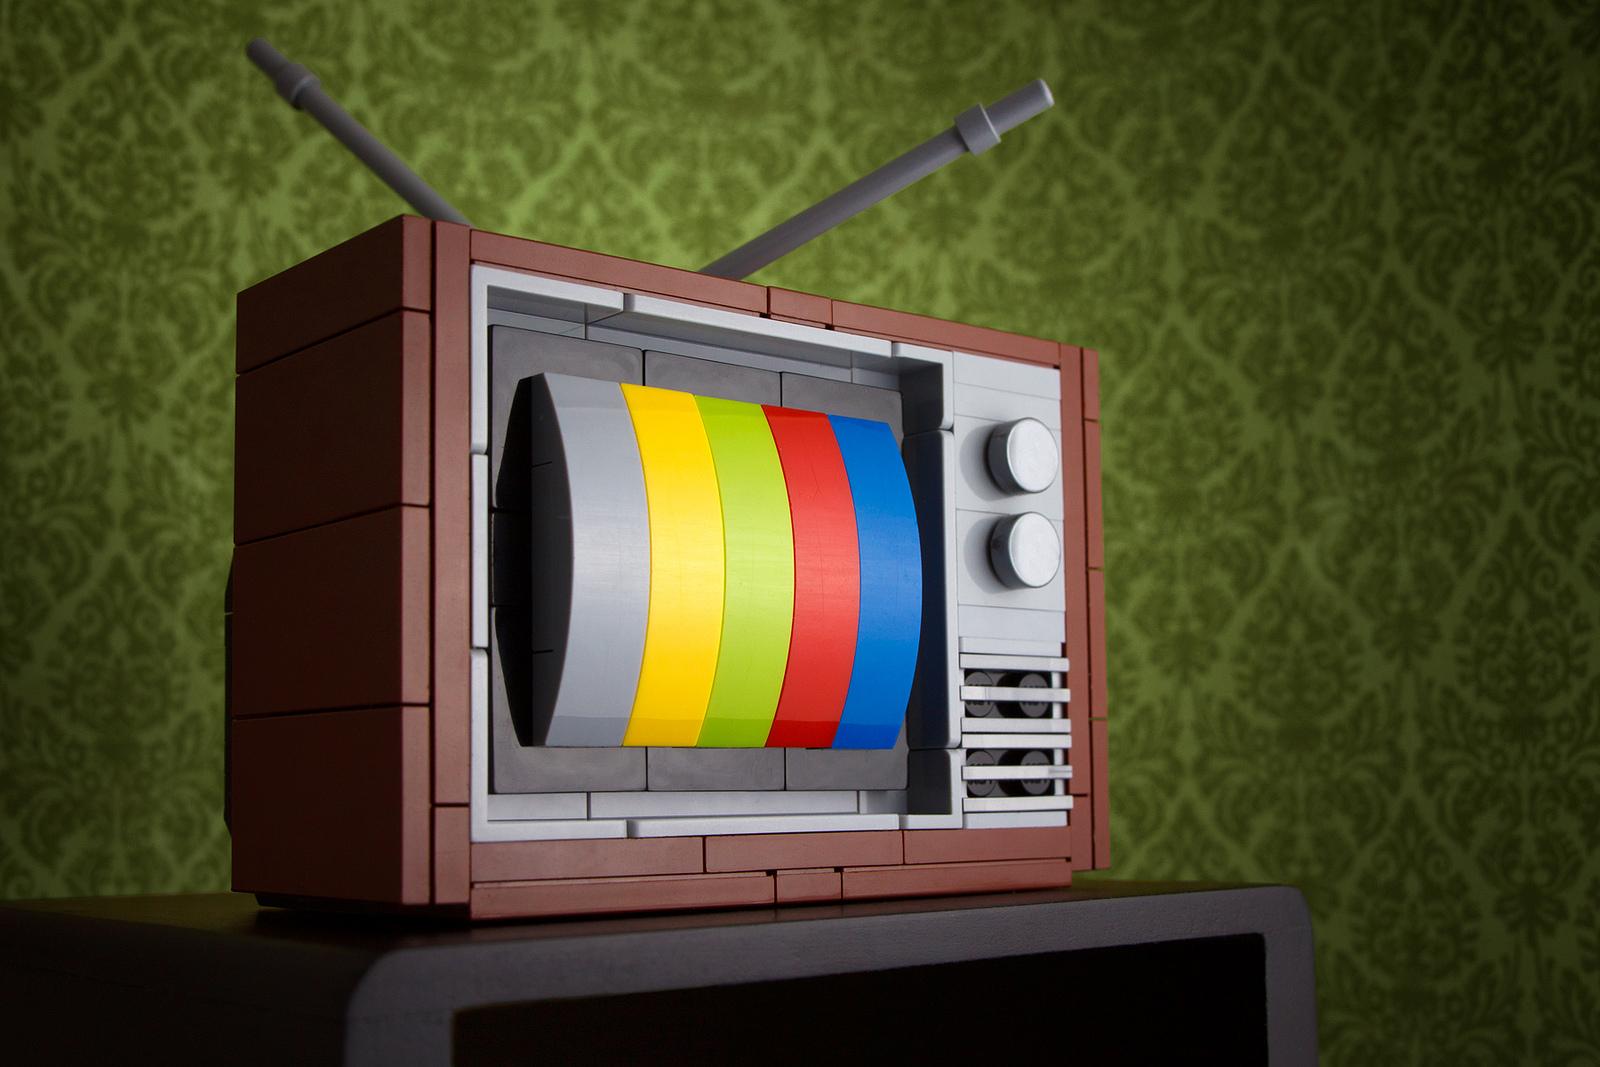 lego-4 retro tecnología (1)